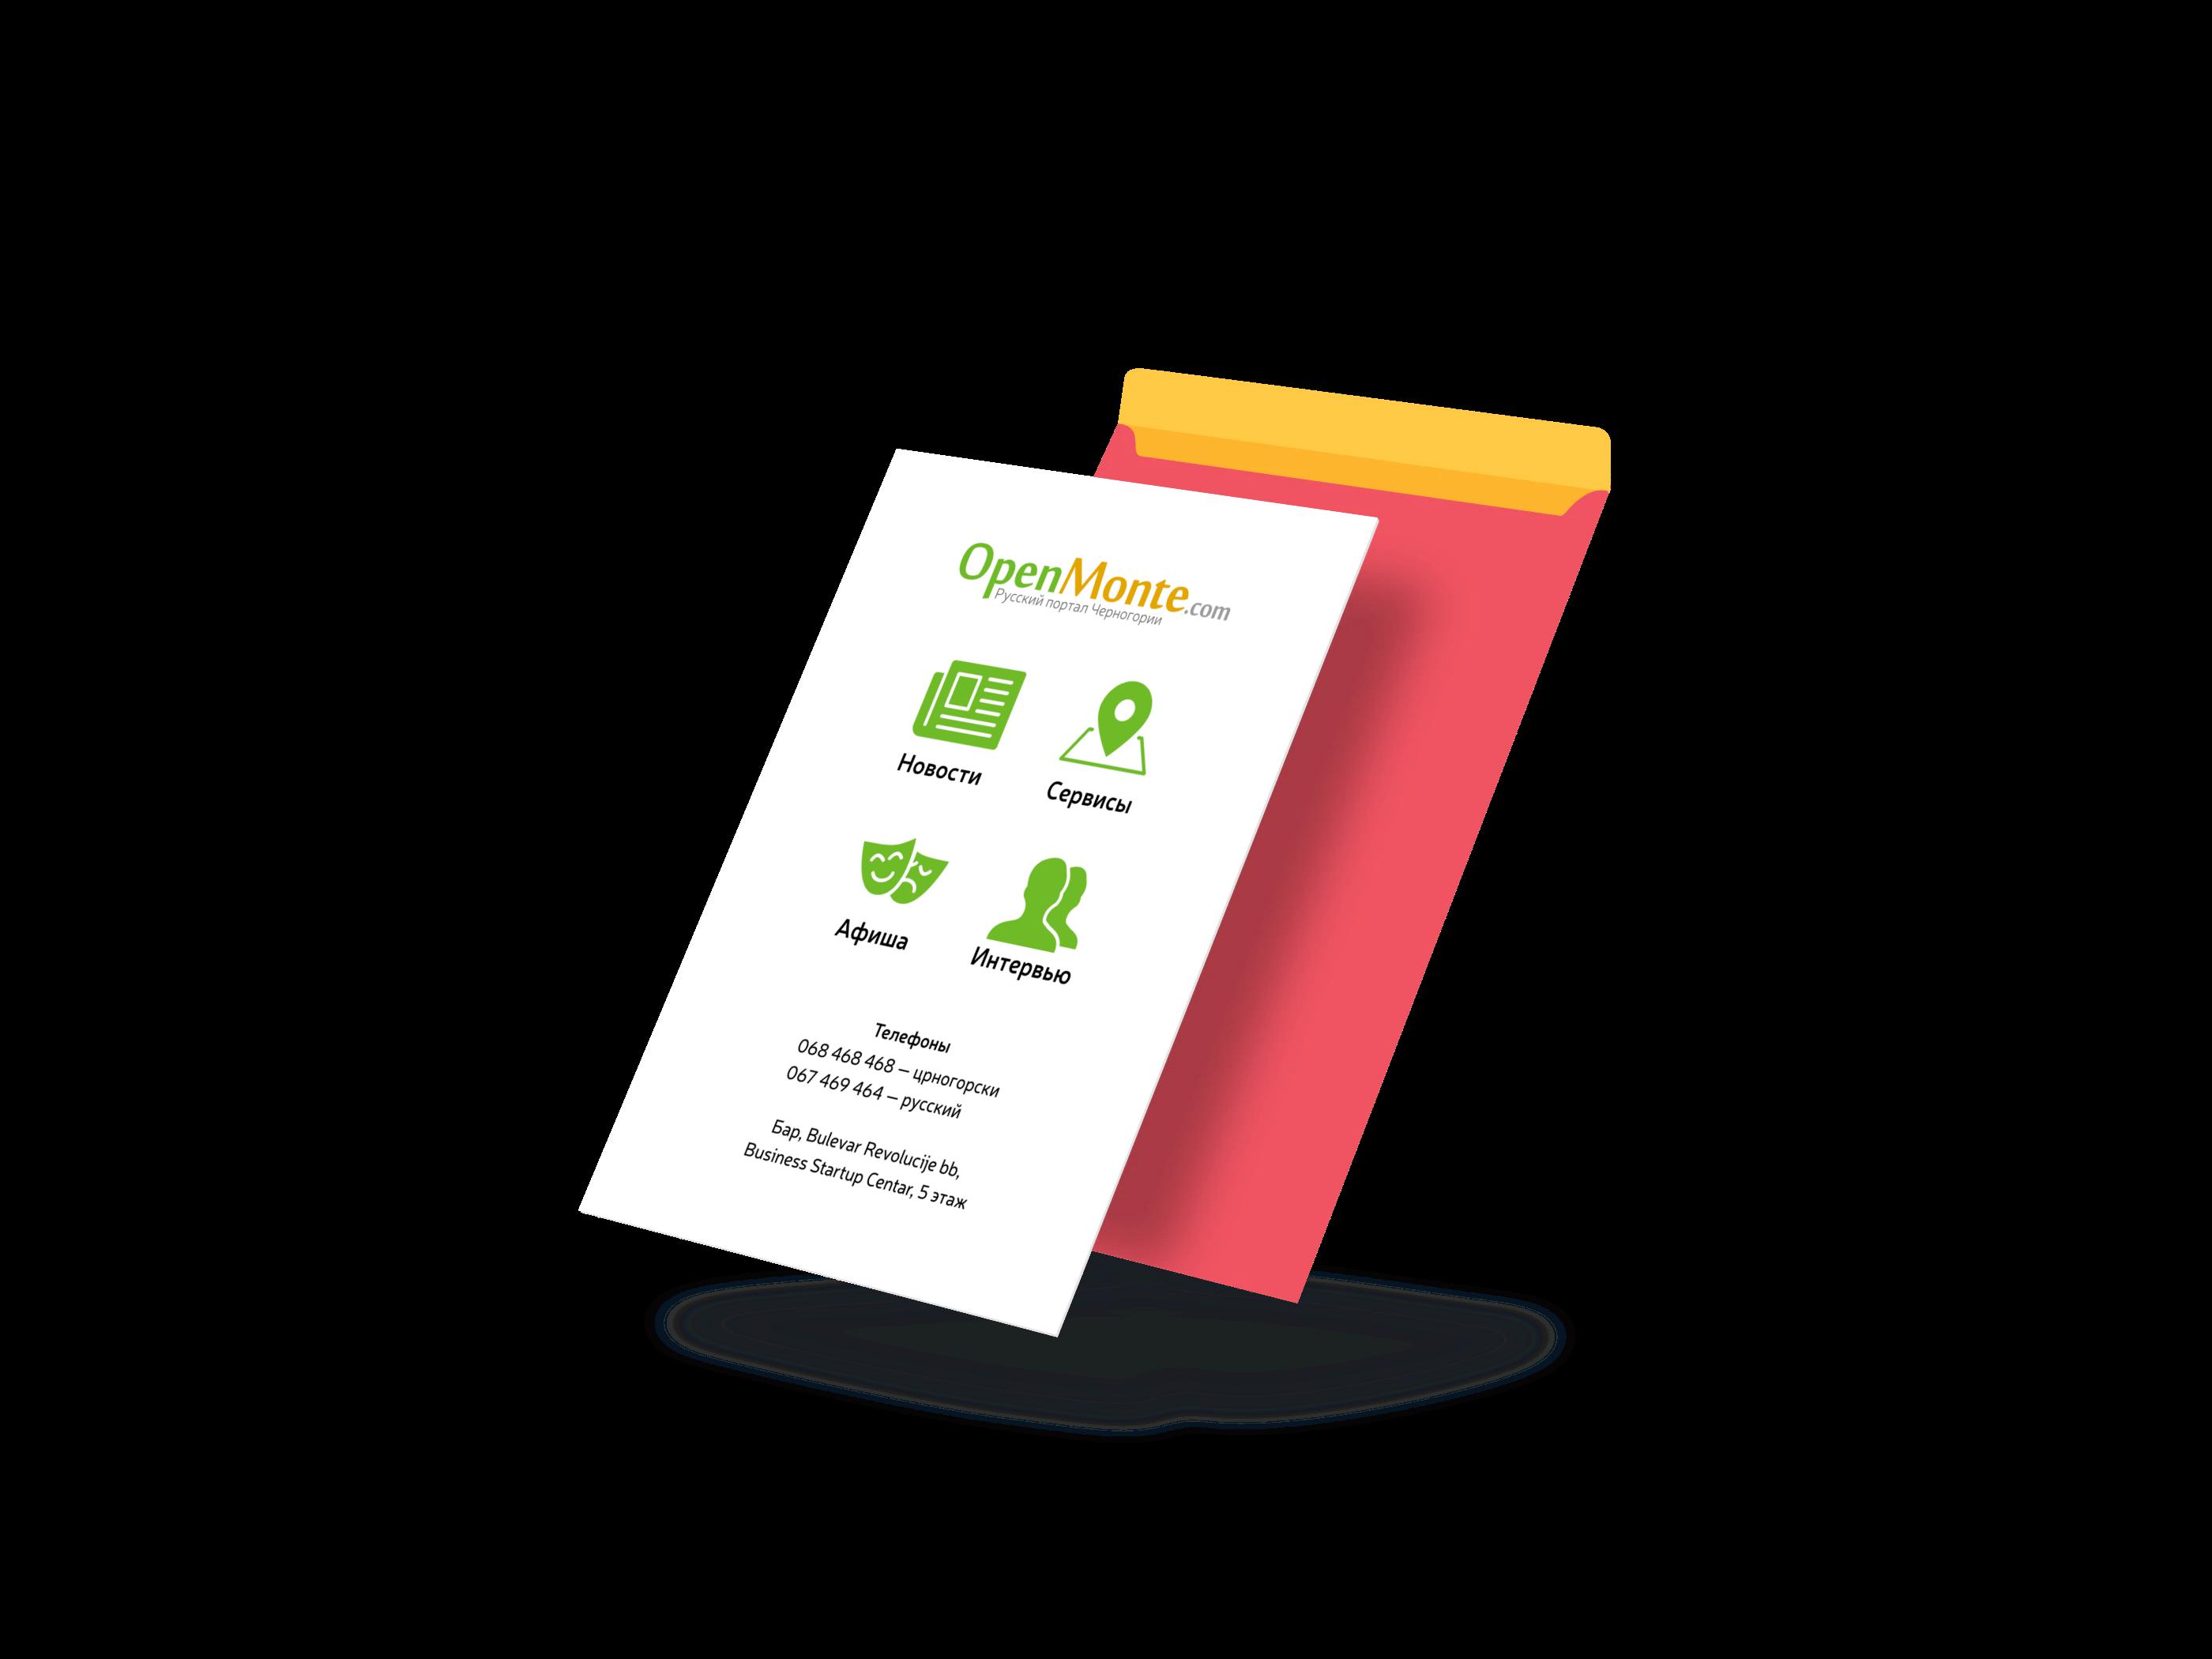 Листовки Опенмонте Сайт Артура Нецветаева — сайты, приложения, прототипы и оформление интерфейсов letterhead above envelope mockup